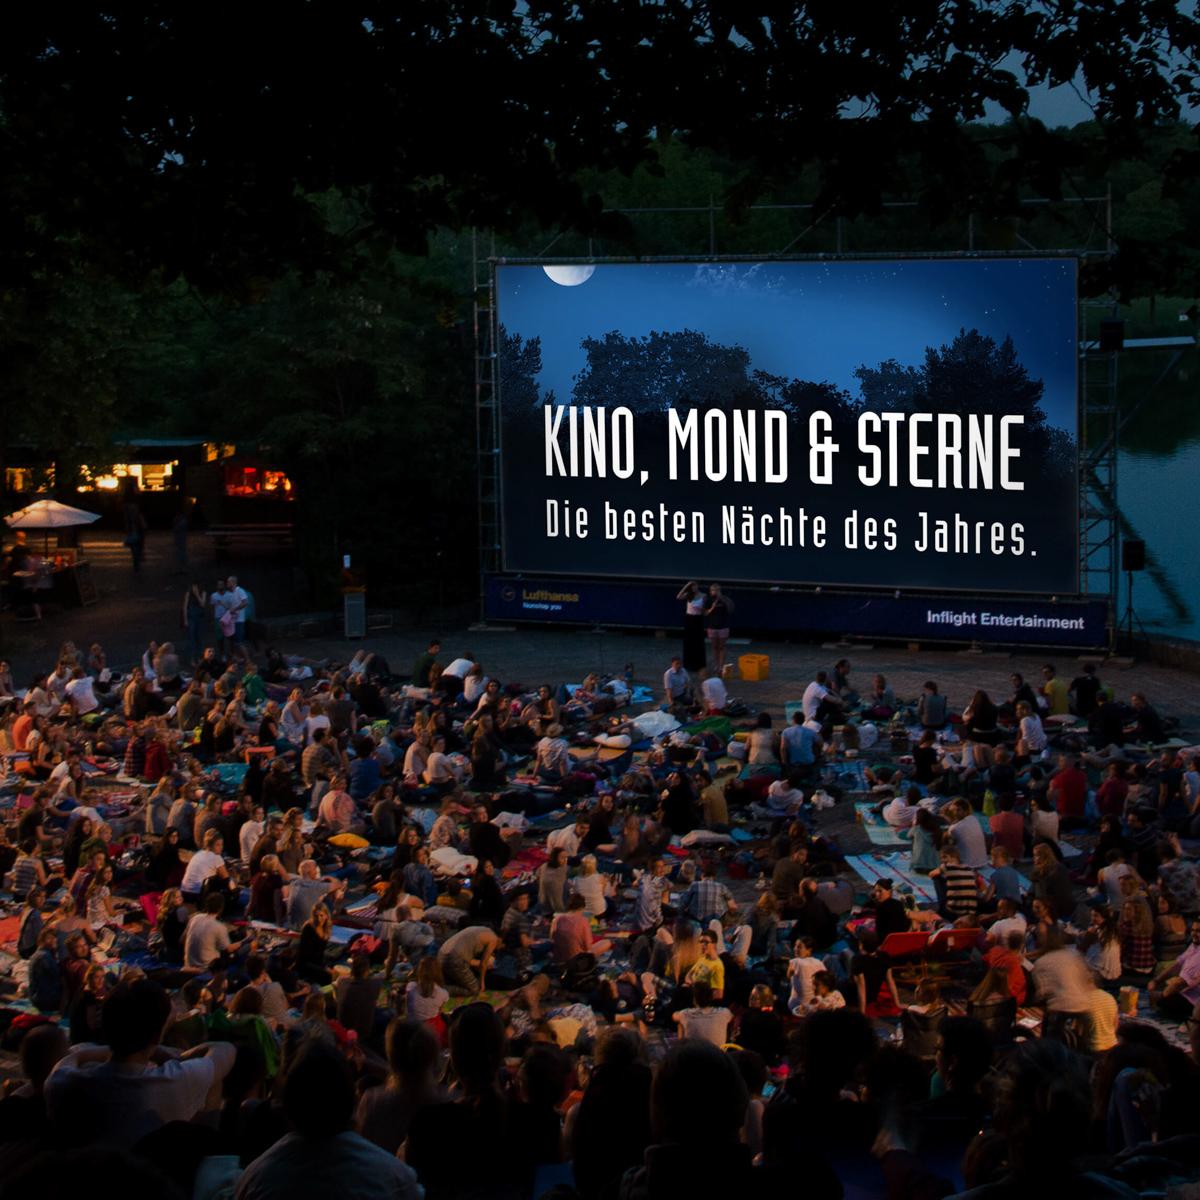 Kino, Mond & Sterne in München-2